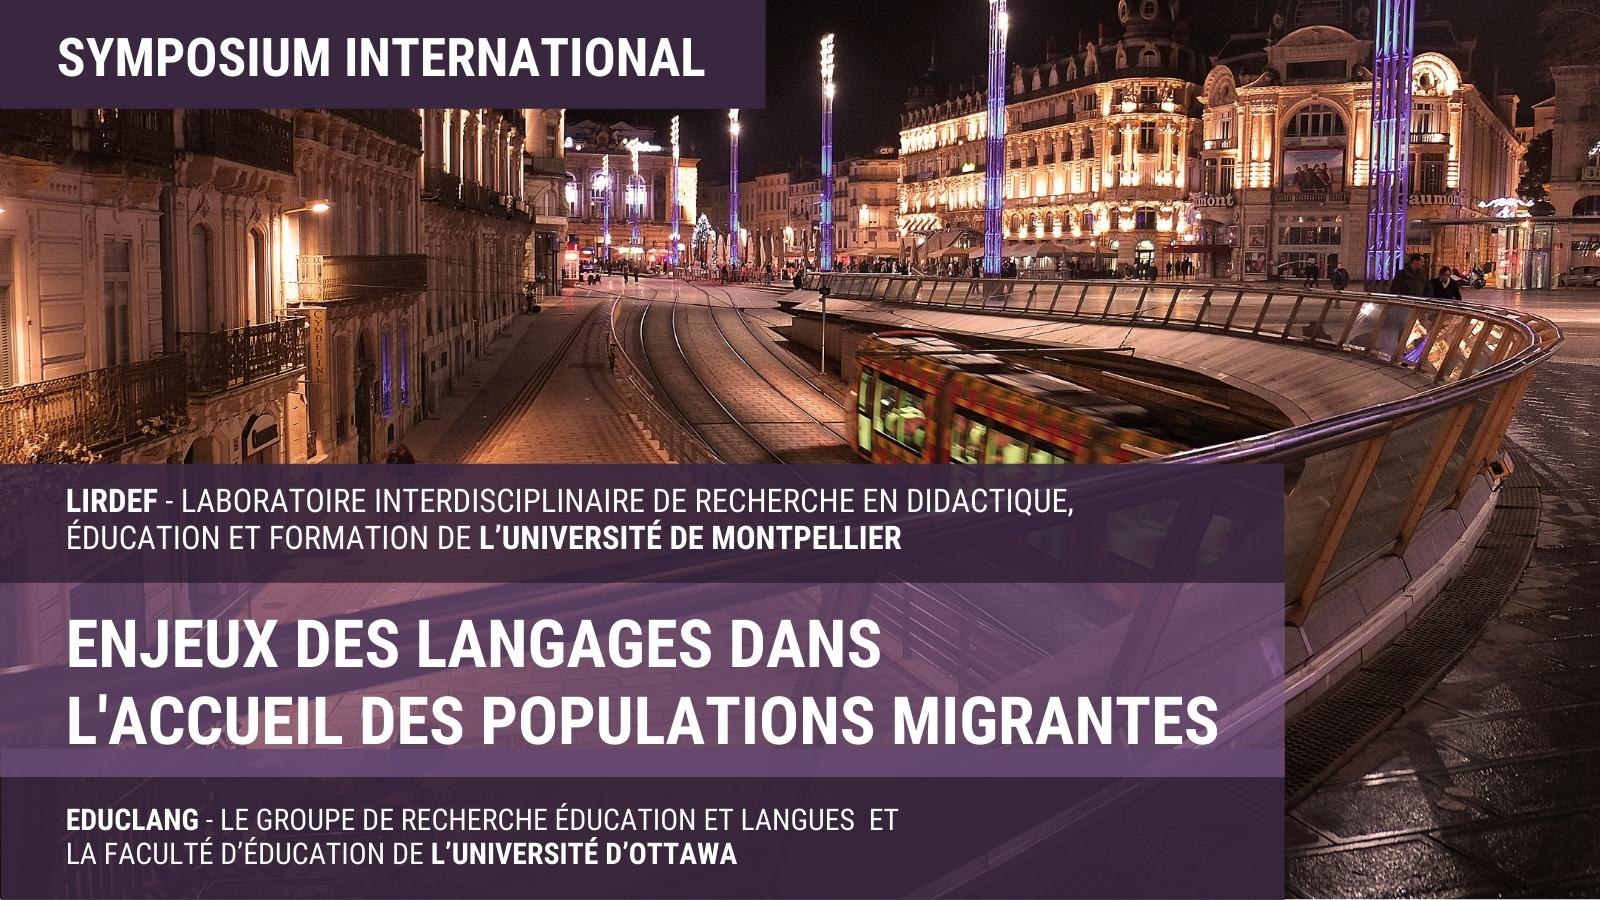 Ville de Montpellier, Enjeux des langages dans l'accueil des populations migrantes